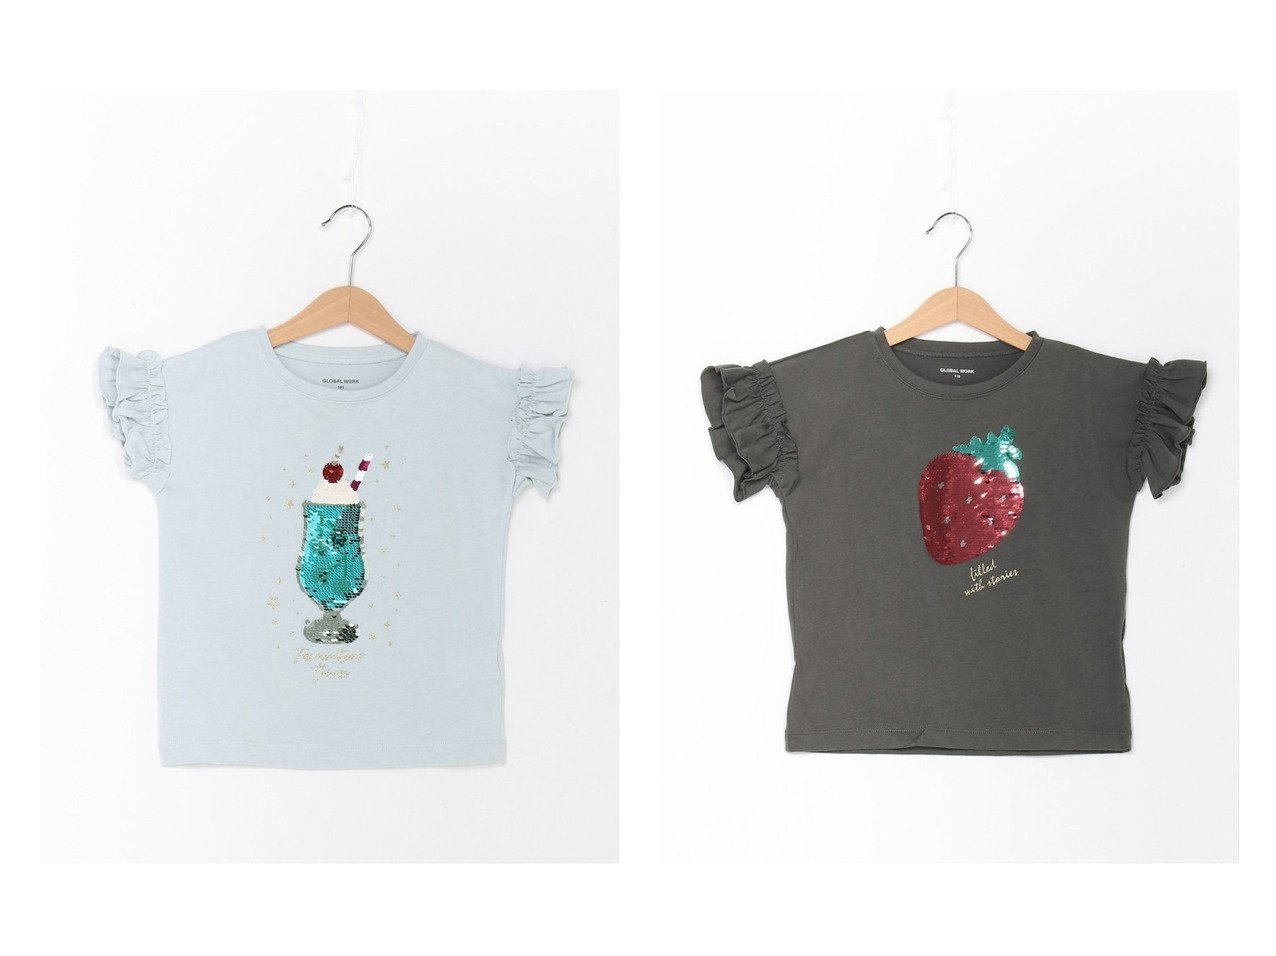 【GLOBAL WORK / KIDS/グローバルワーク】のGirlsモチーフTSS 【KIDS】子供服のおすすめ!人気トレンド・キッズファッションの通販 おすすめで人気の流行・トレンド、ファッションの通販商品 メンズファッション・キッズファッション・インテリア・家具・レディースファッション・服の通販 founy(ファニー) https://founy.com/ ファッション Fashion キッズファッション KIDS トップス・カットソー Tops/Tees/Kids カットソー グラフィック フリル モチーフ 人気  ID:crp329100000035755